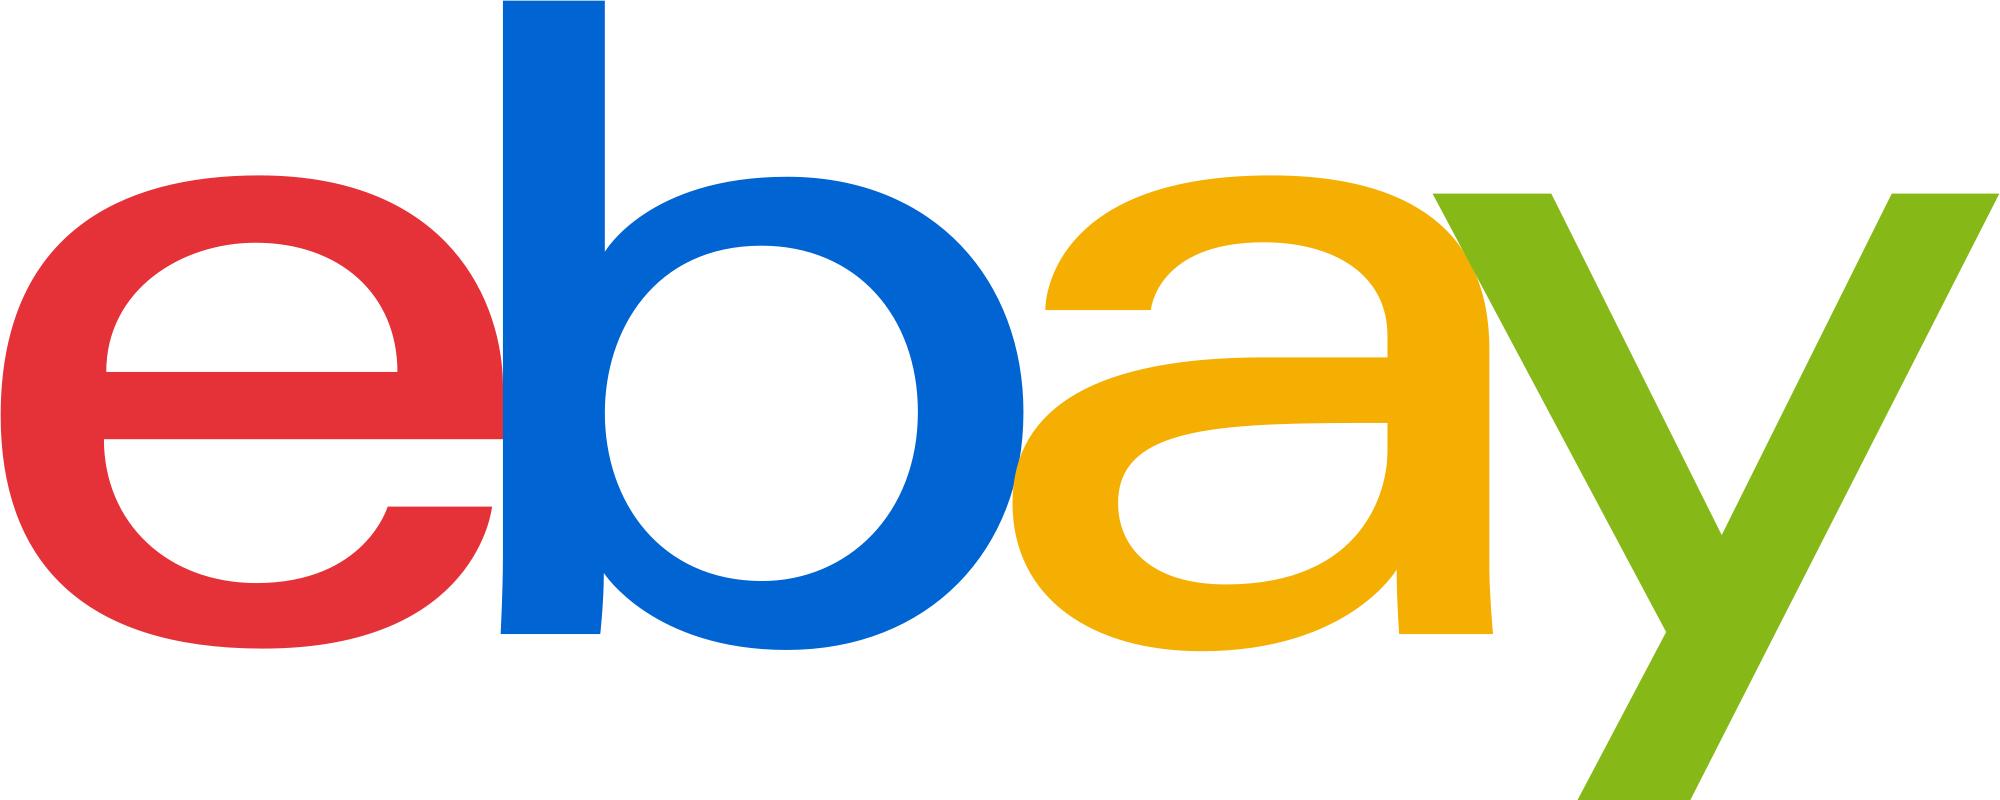 15€ ebay Plus Gutschein mit 20€ MBW [Nur für eingeladene Mitglieder]